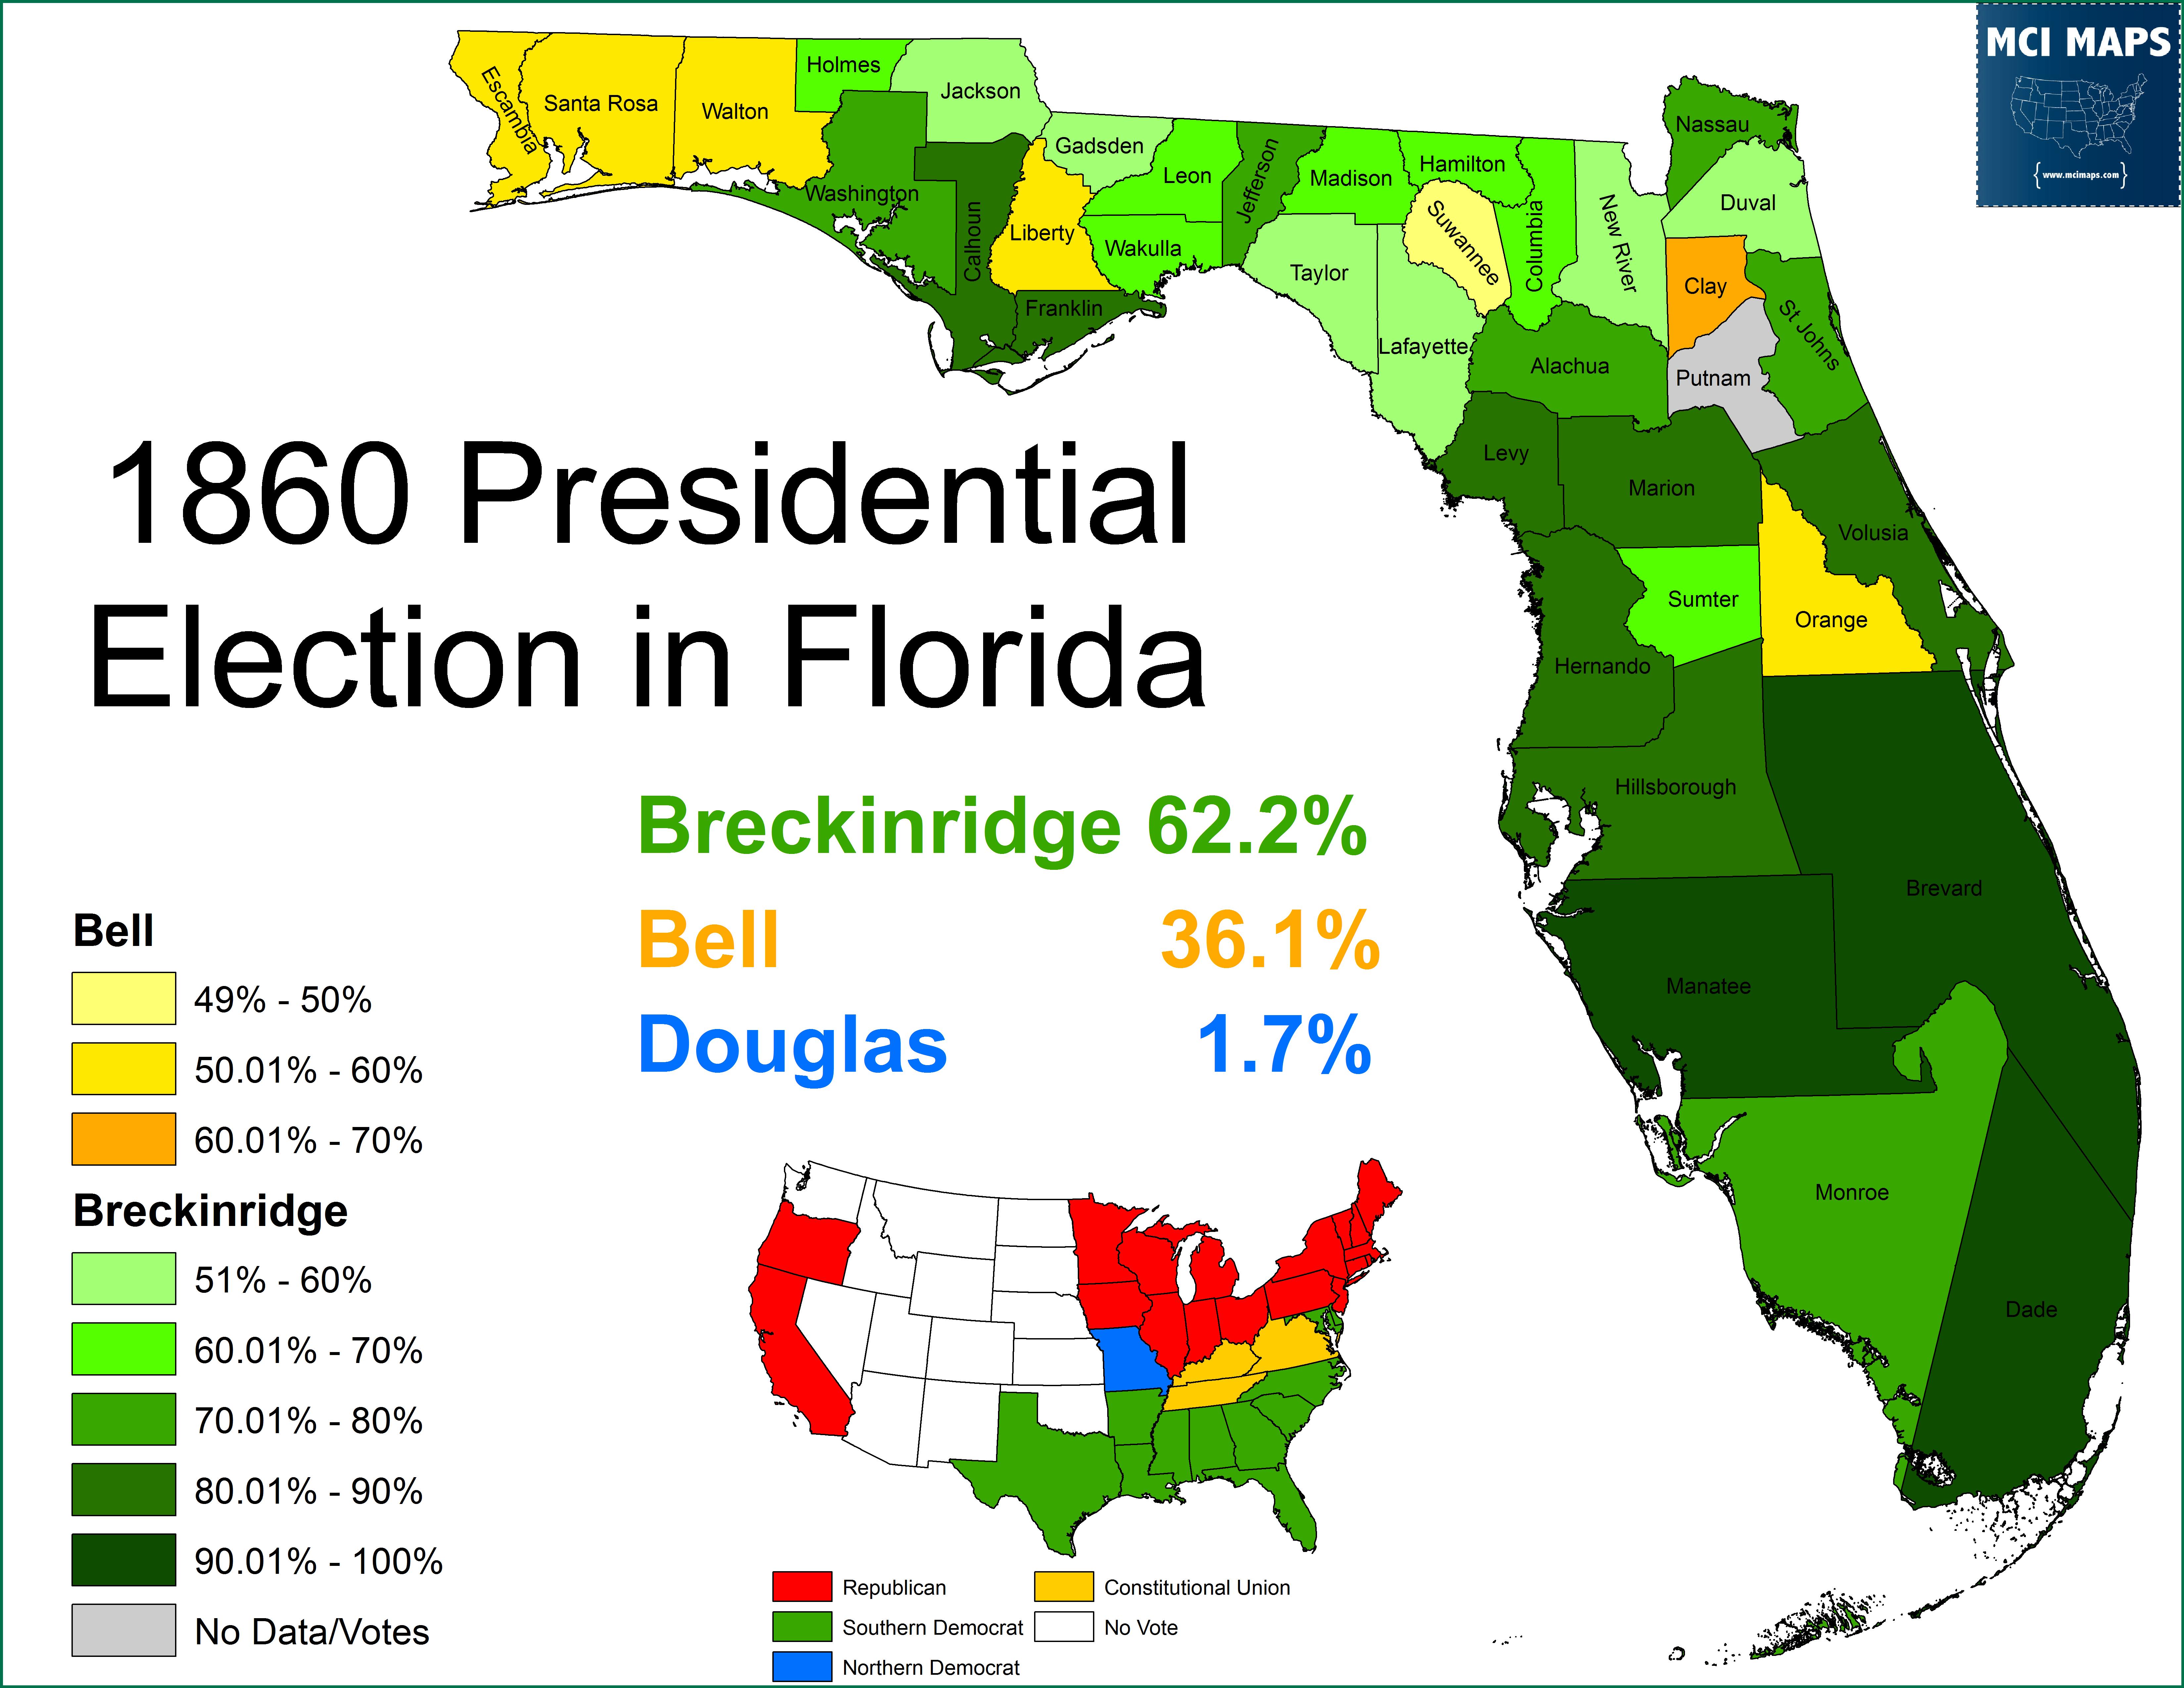 Civil War History Florida S Road Toward Secession Mci Maps